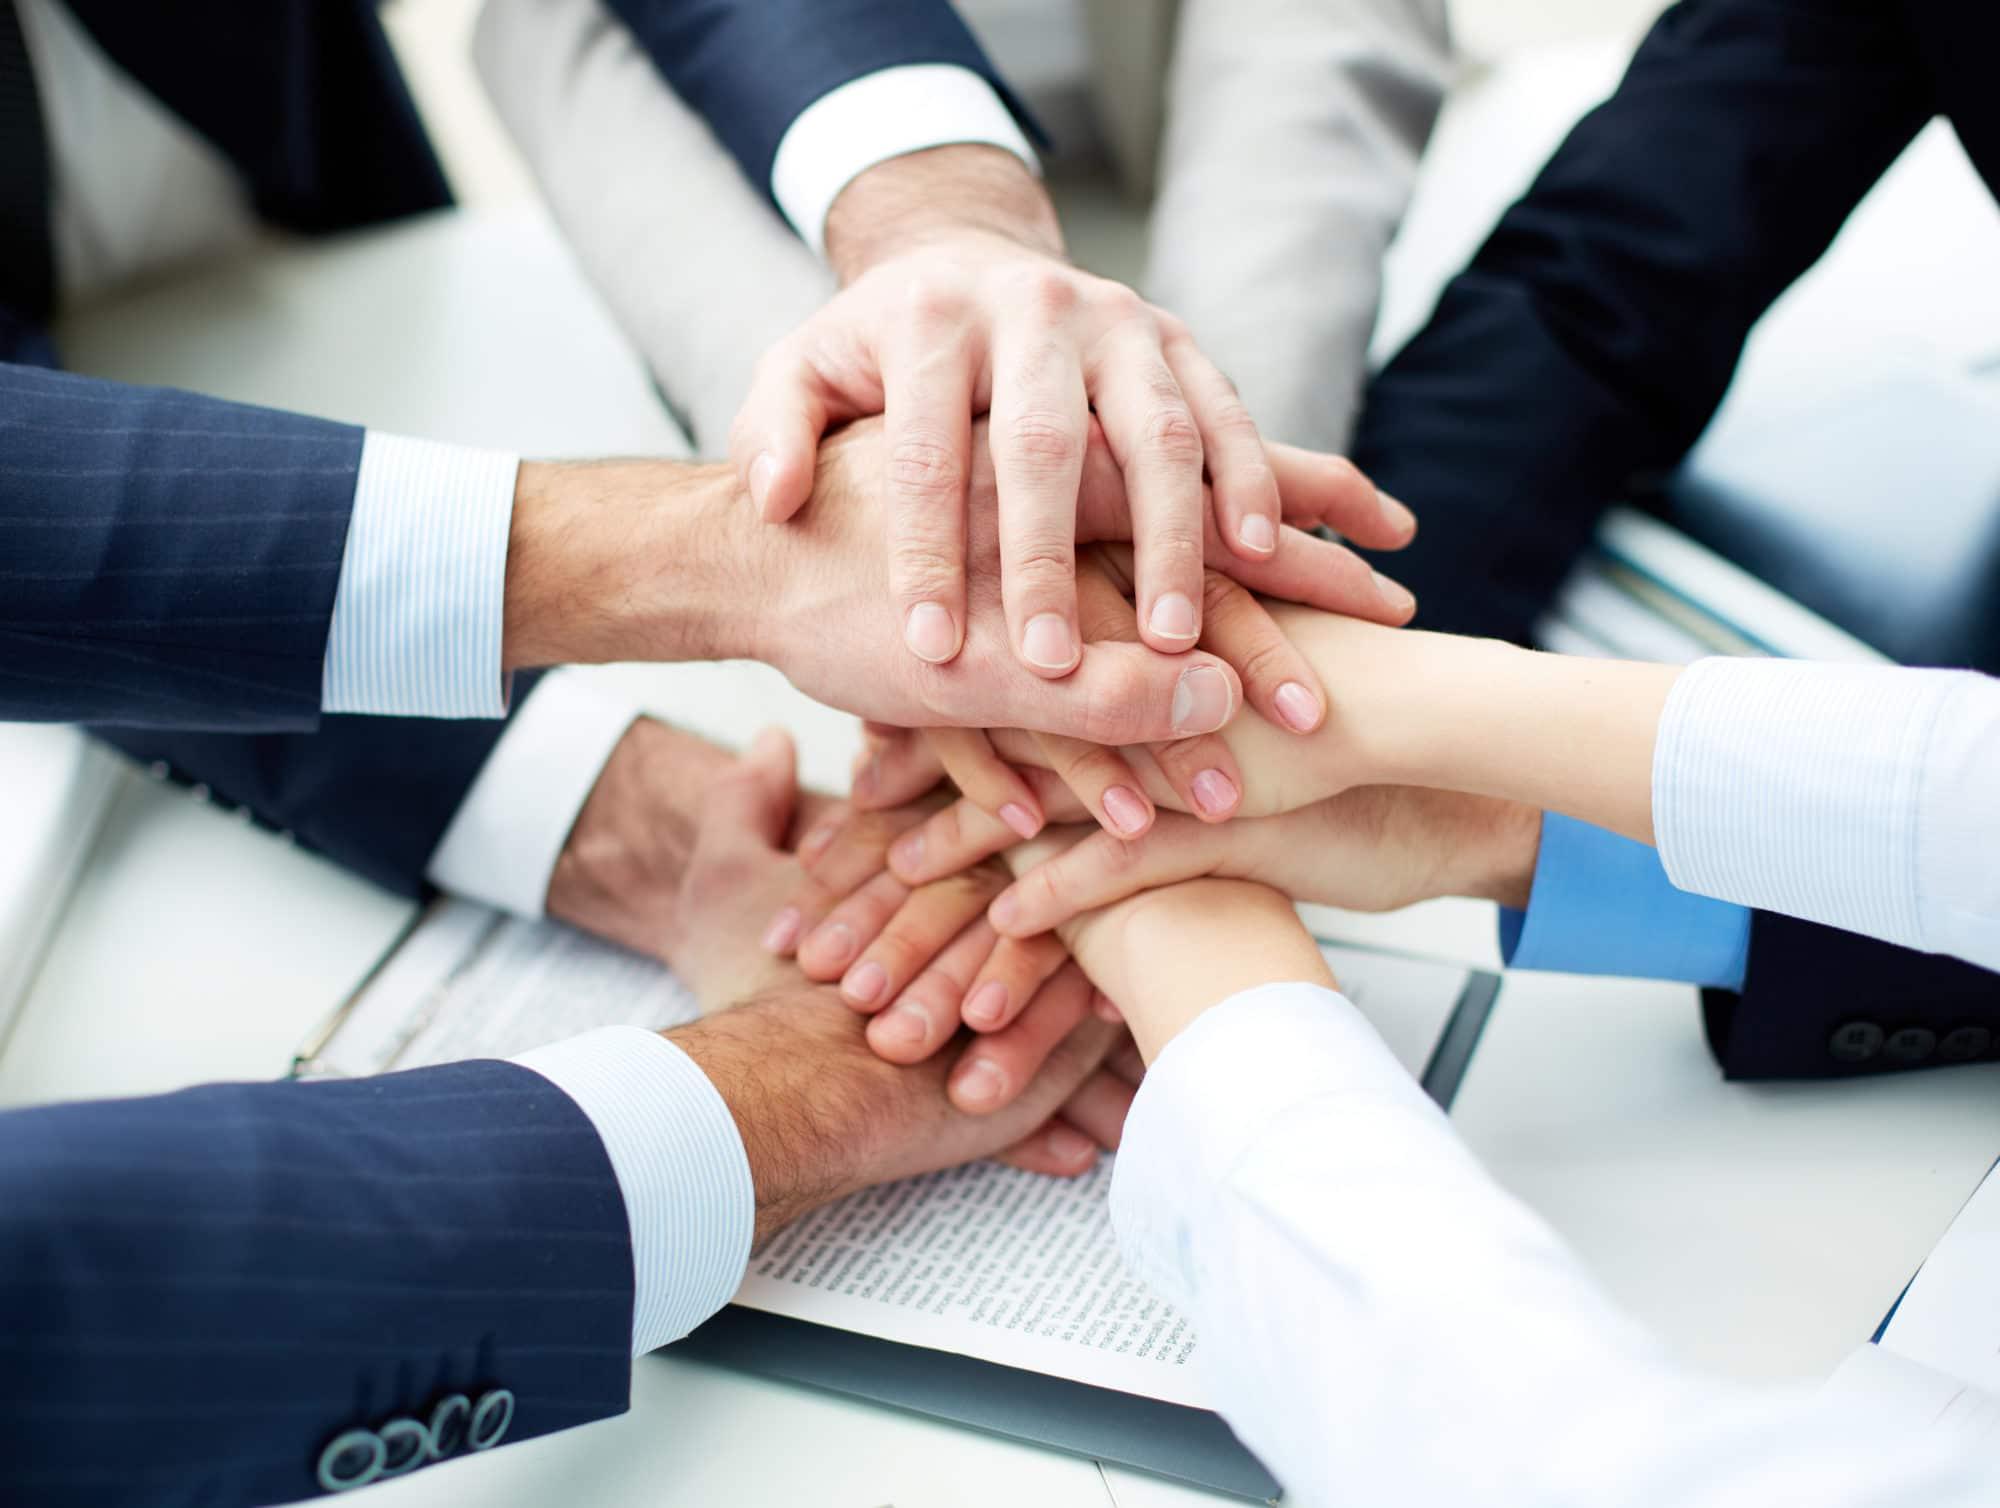 association et partenariat d'entreprise